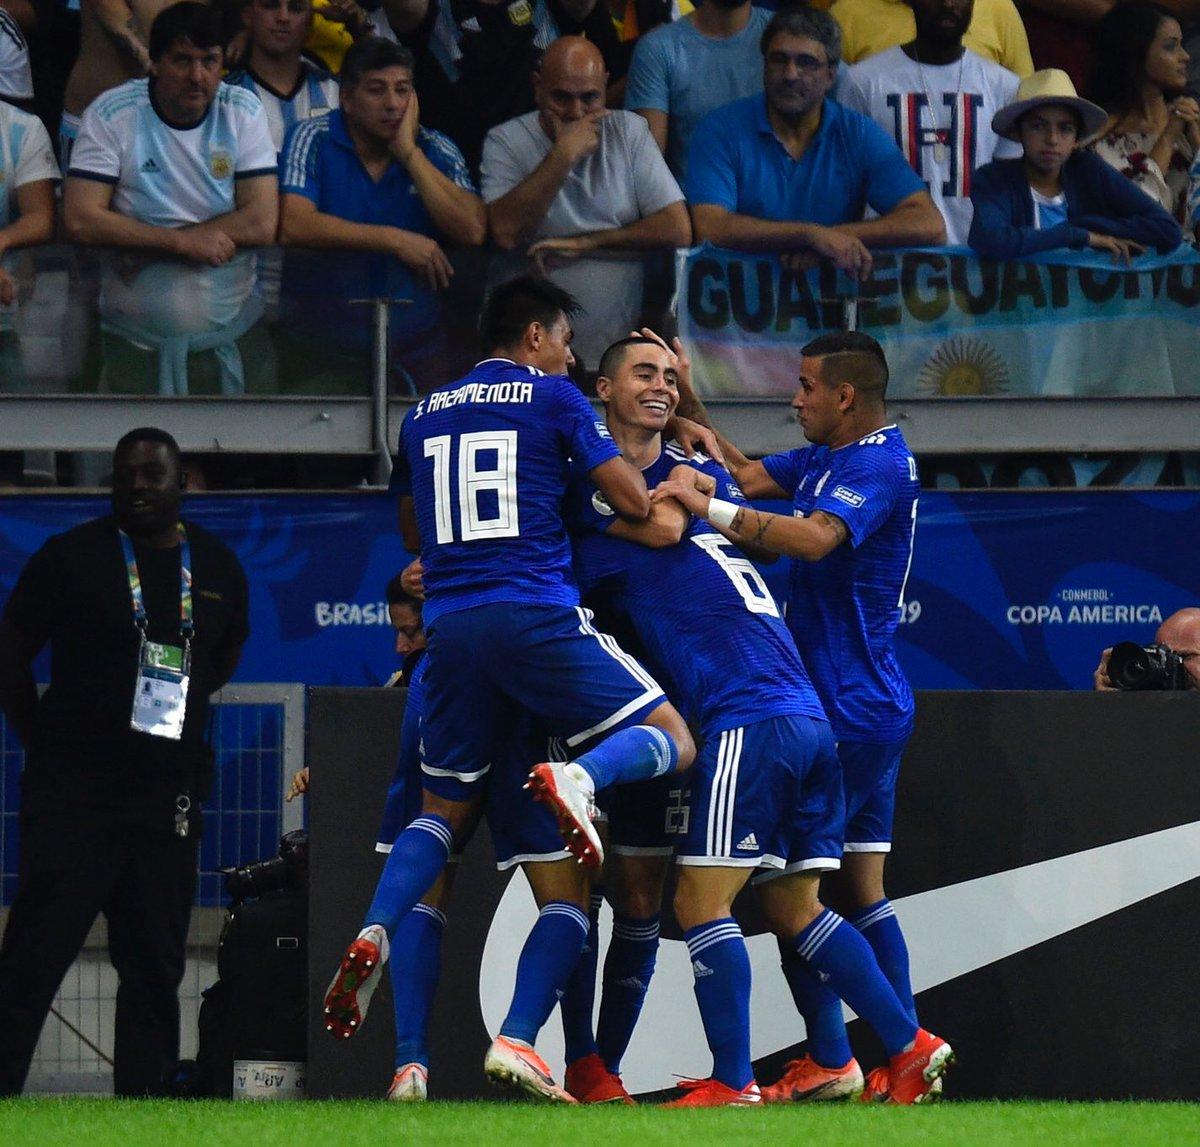 La imagen lo dice todo. El gol fue de Richard, pero los abrazos van para Micky Almirón. Pique de 50 metros en 8 segundos y 2 argentinos en el camino. Golazo.